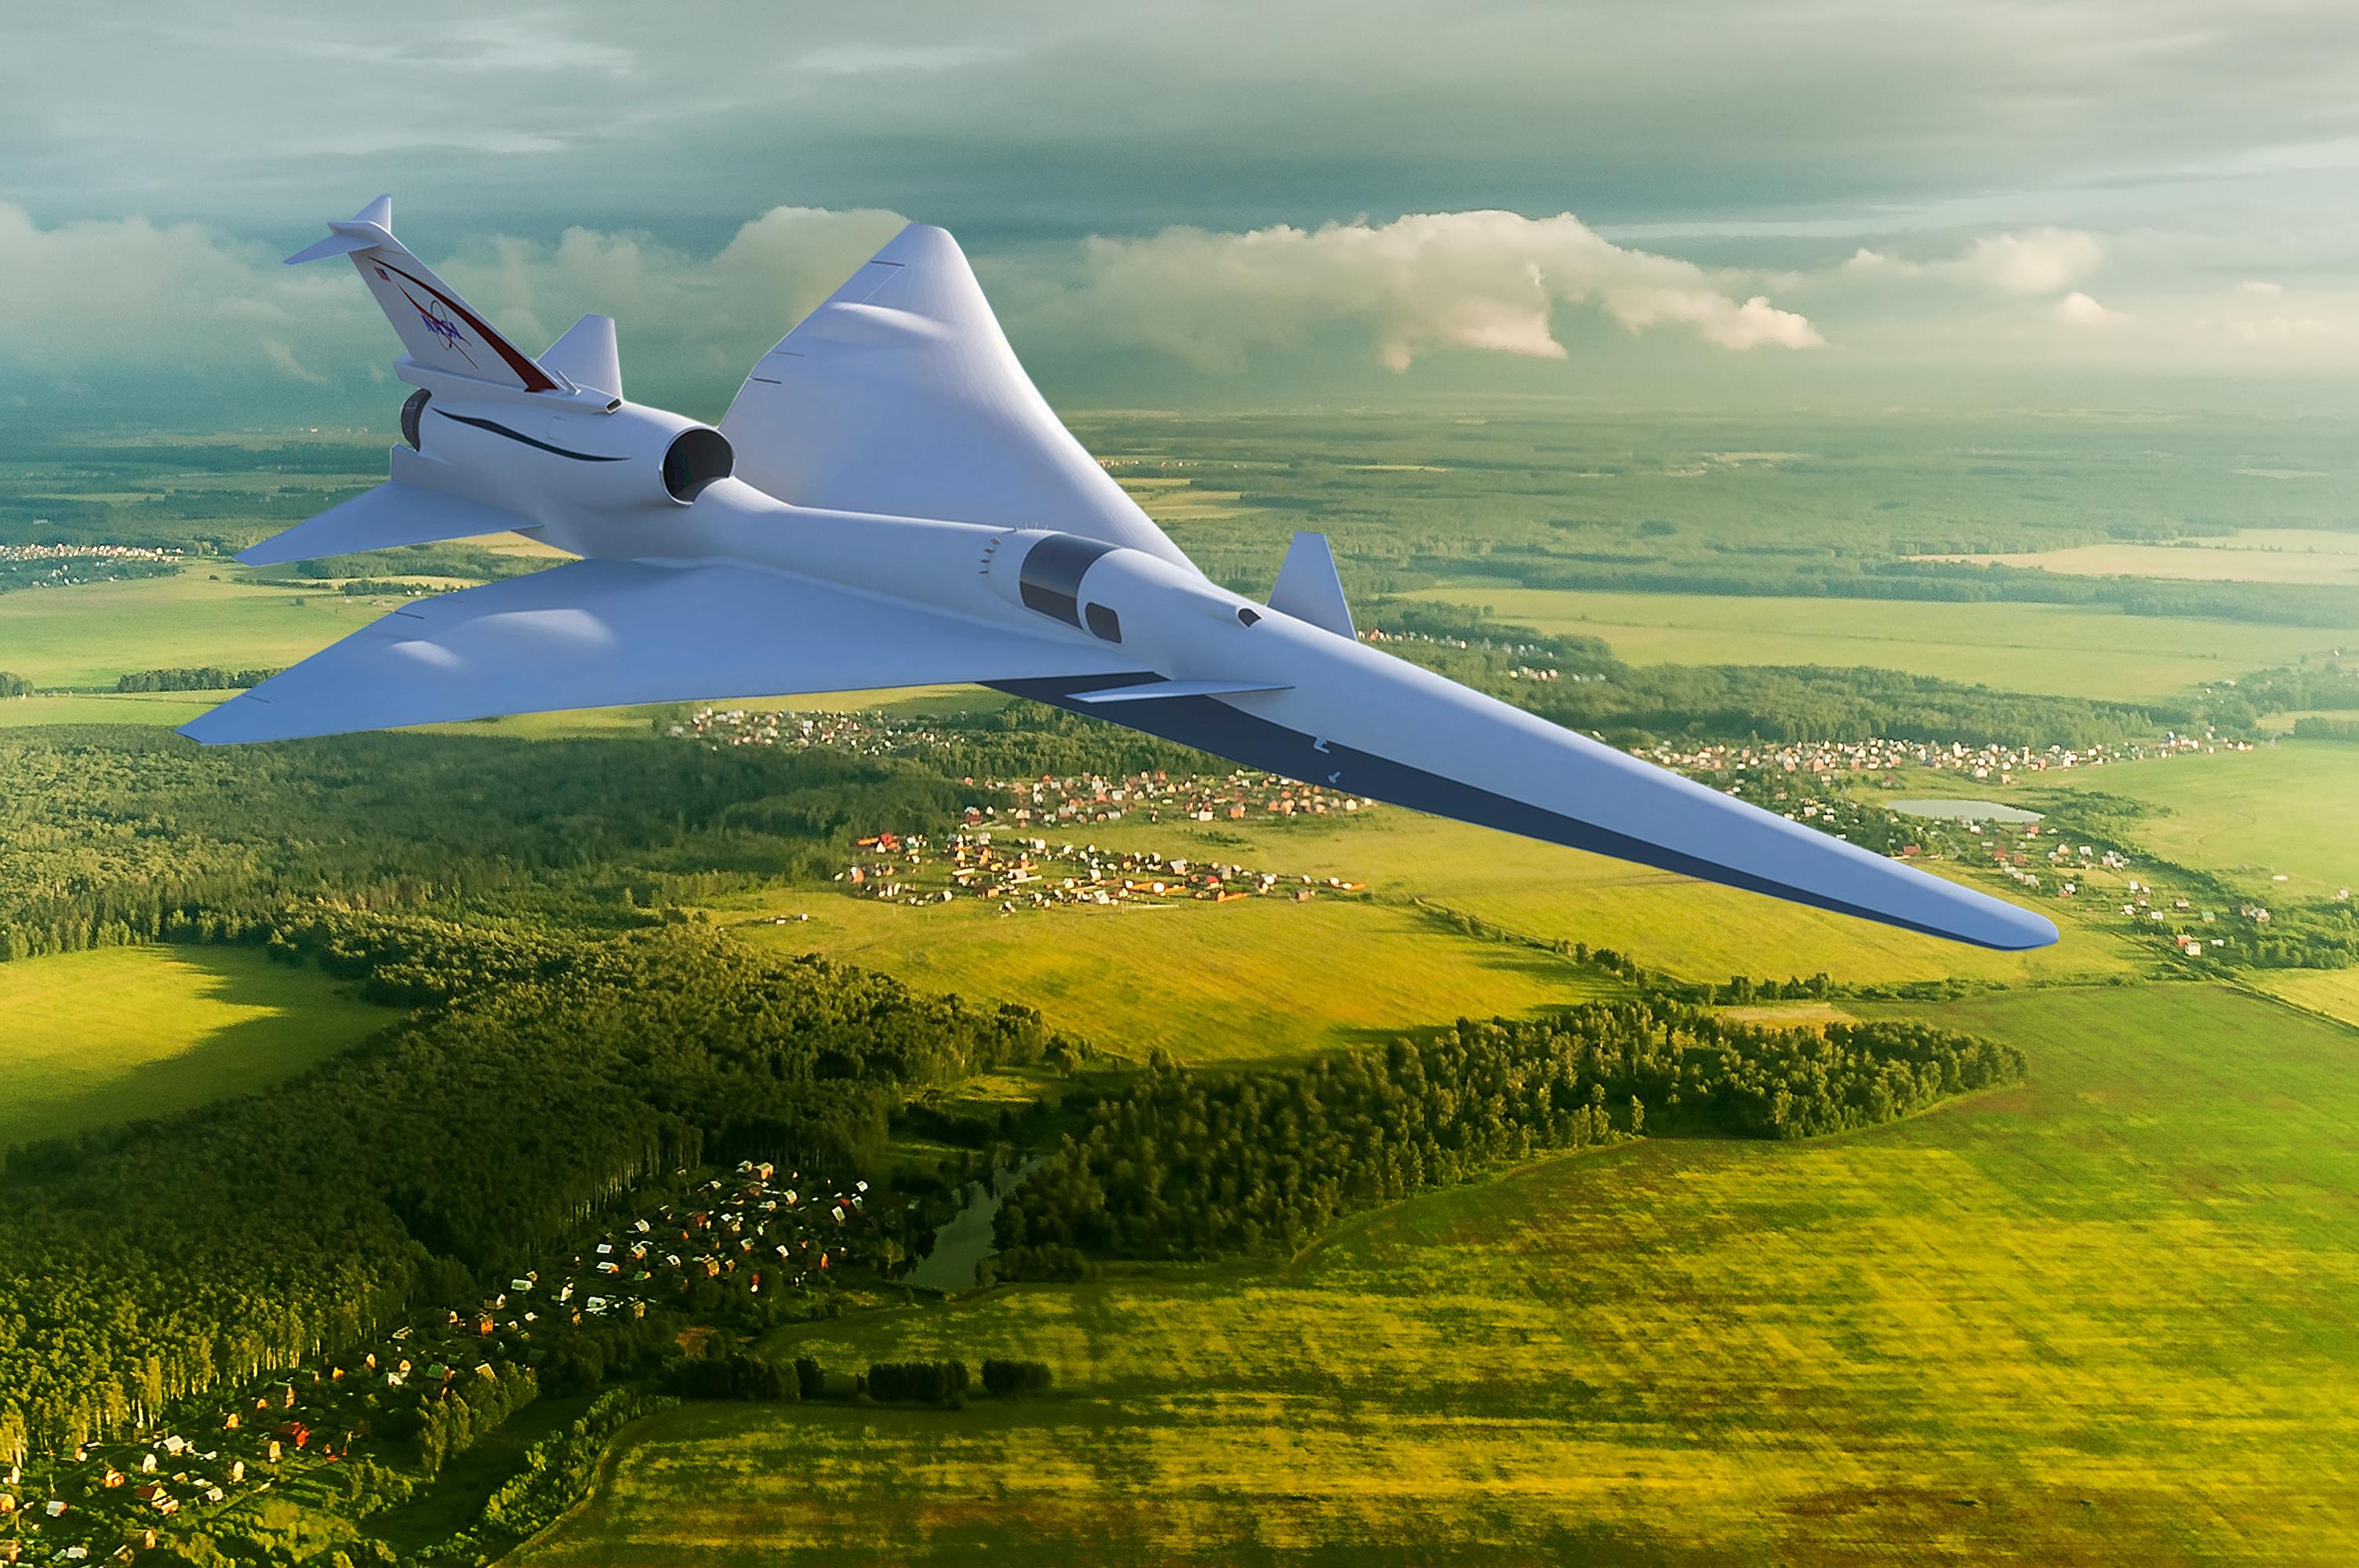 Полученные данные должны помочь в разработке малошумного сверхзвукового пассажирского лайнера X-59 QueSST.